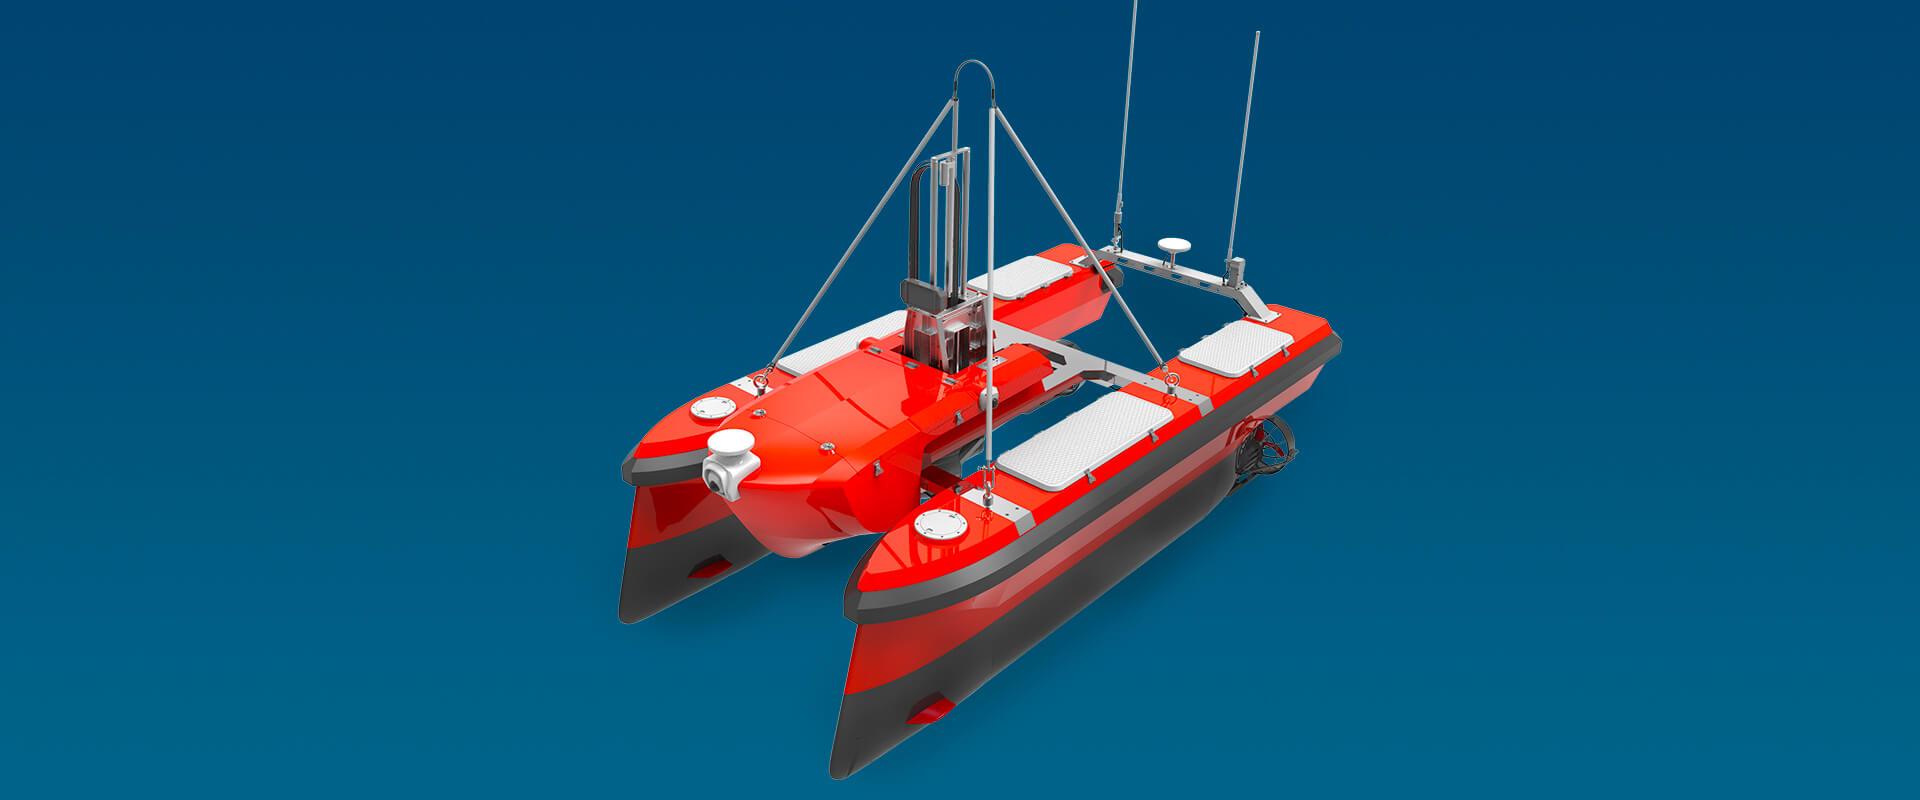 M40 Autonomous Hydrographic Survey Boat image